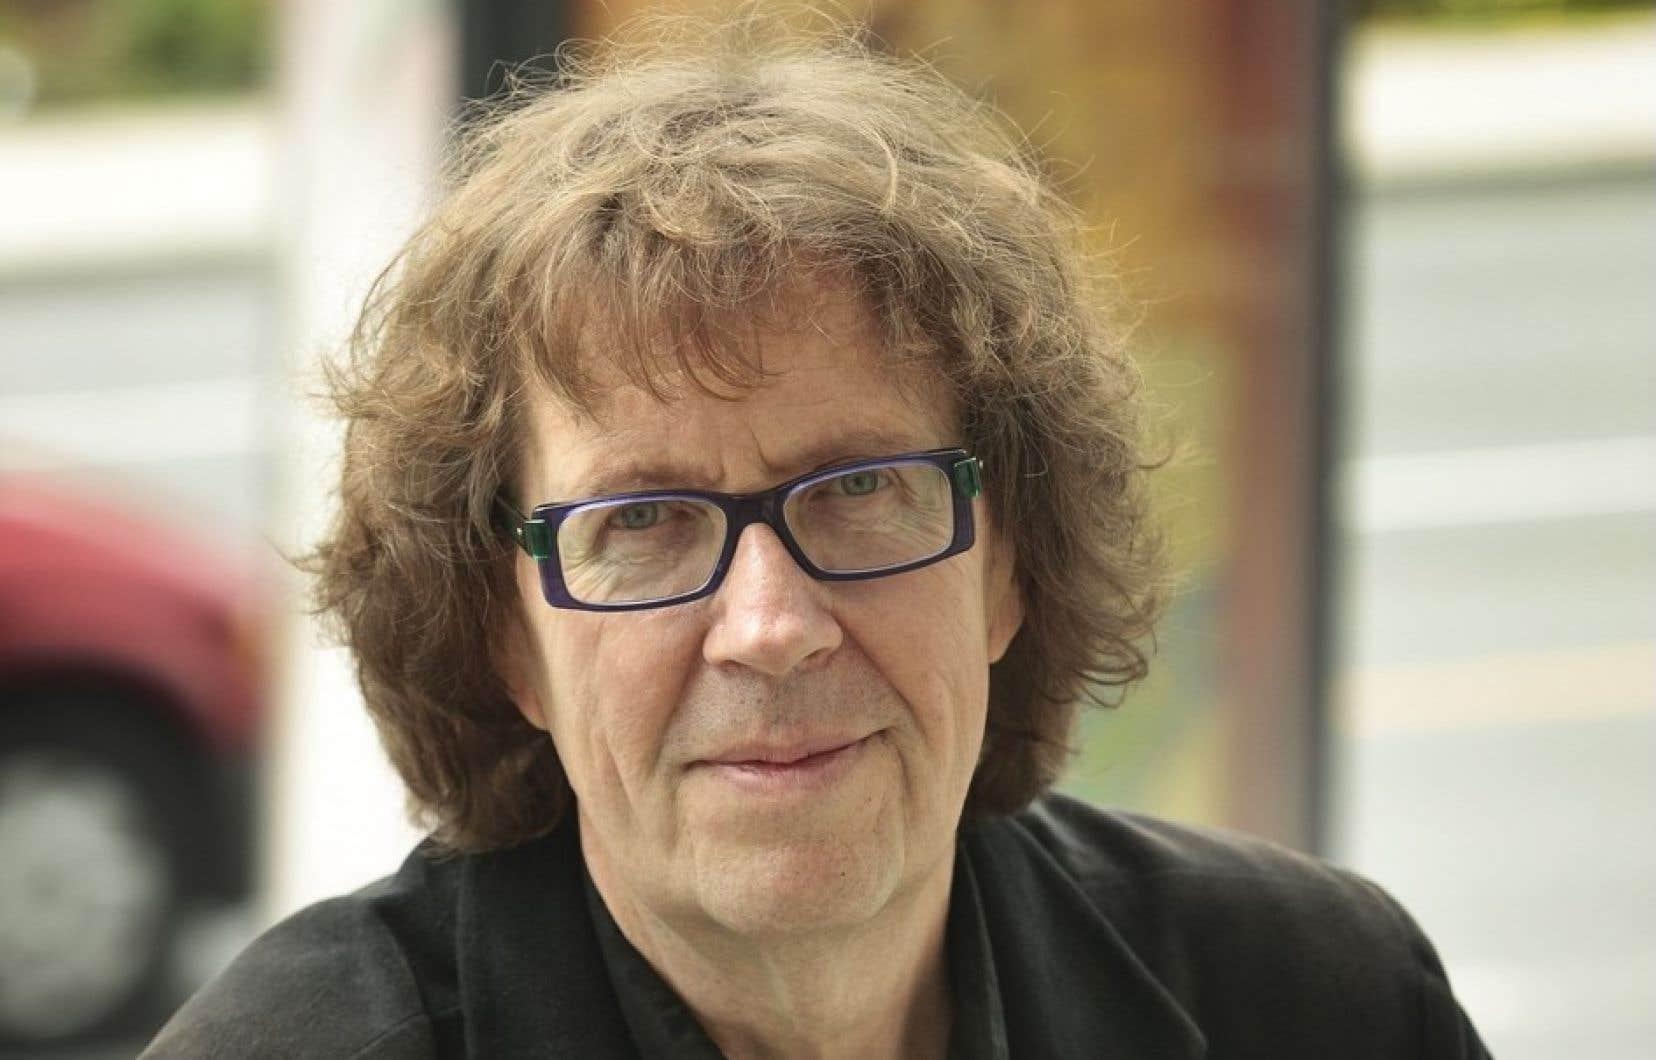 ClaudeBeausoleil a été finaliste aux Prix littéraires du gouverneur général en 1999, a gagné le Grand prix de poésie de l'Académie française en 2013 et a été premier Poète de la Cité de Montréal, en 2011 et 2012.